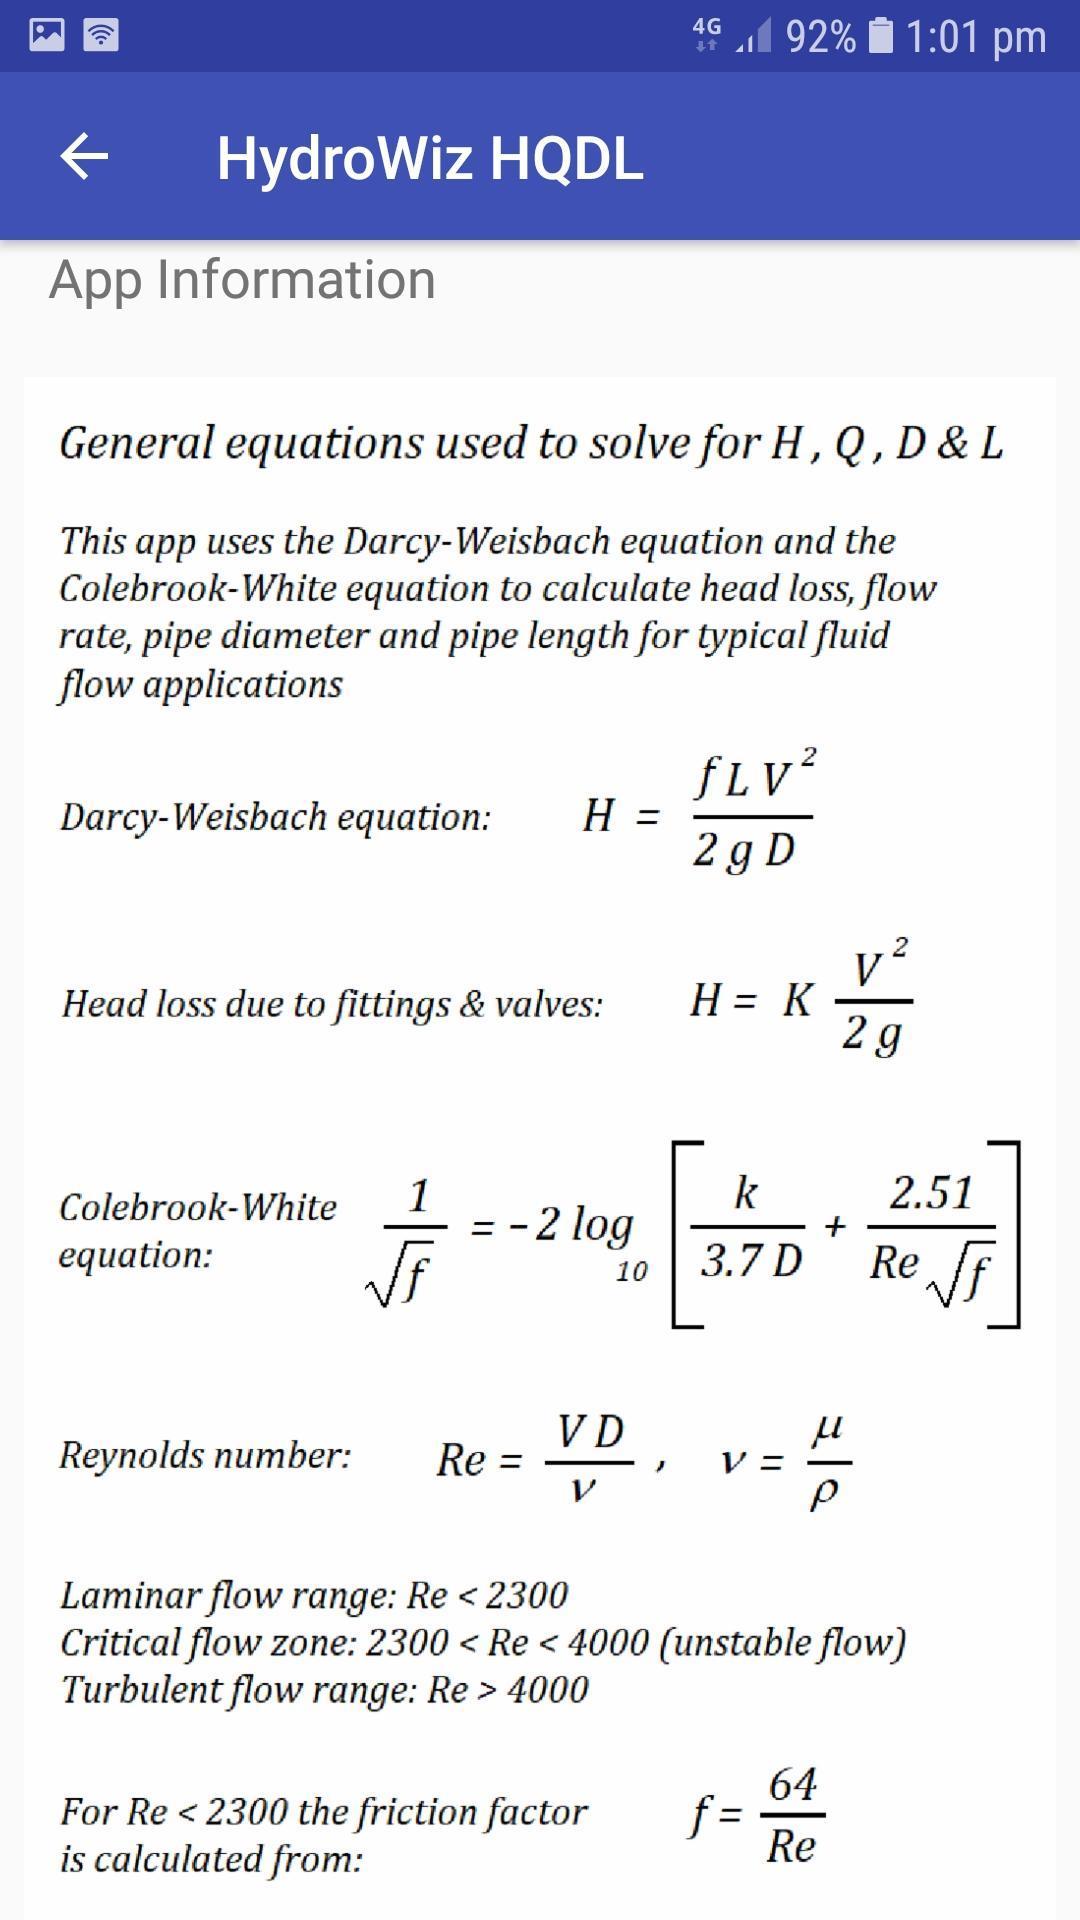 HydroWiz HQDL Pipe Fluid Flow Hydraulic Calculator for